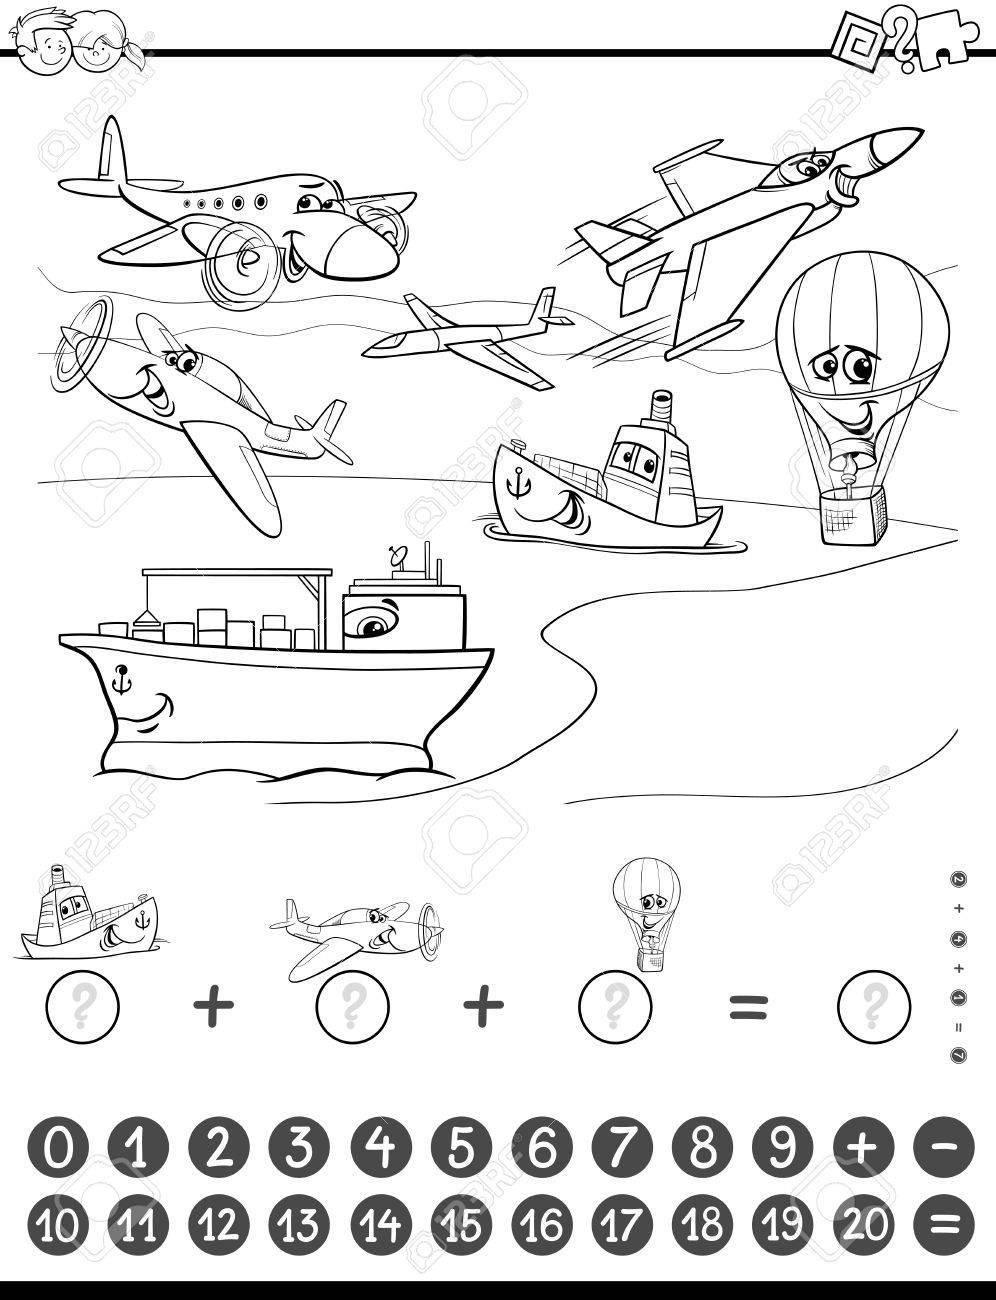 Vettoriale Bianco E Nero Fumetto Illustrazione Di Conteggio